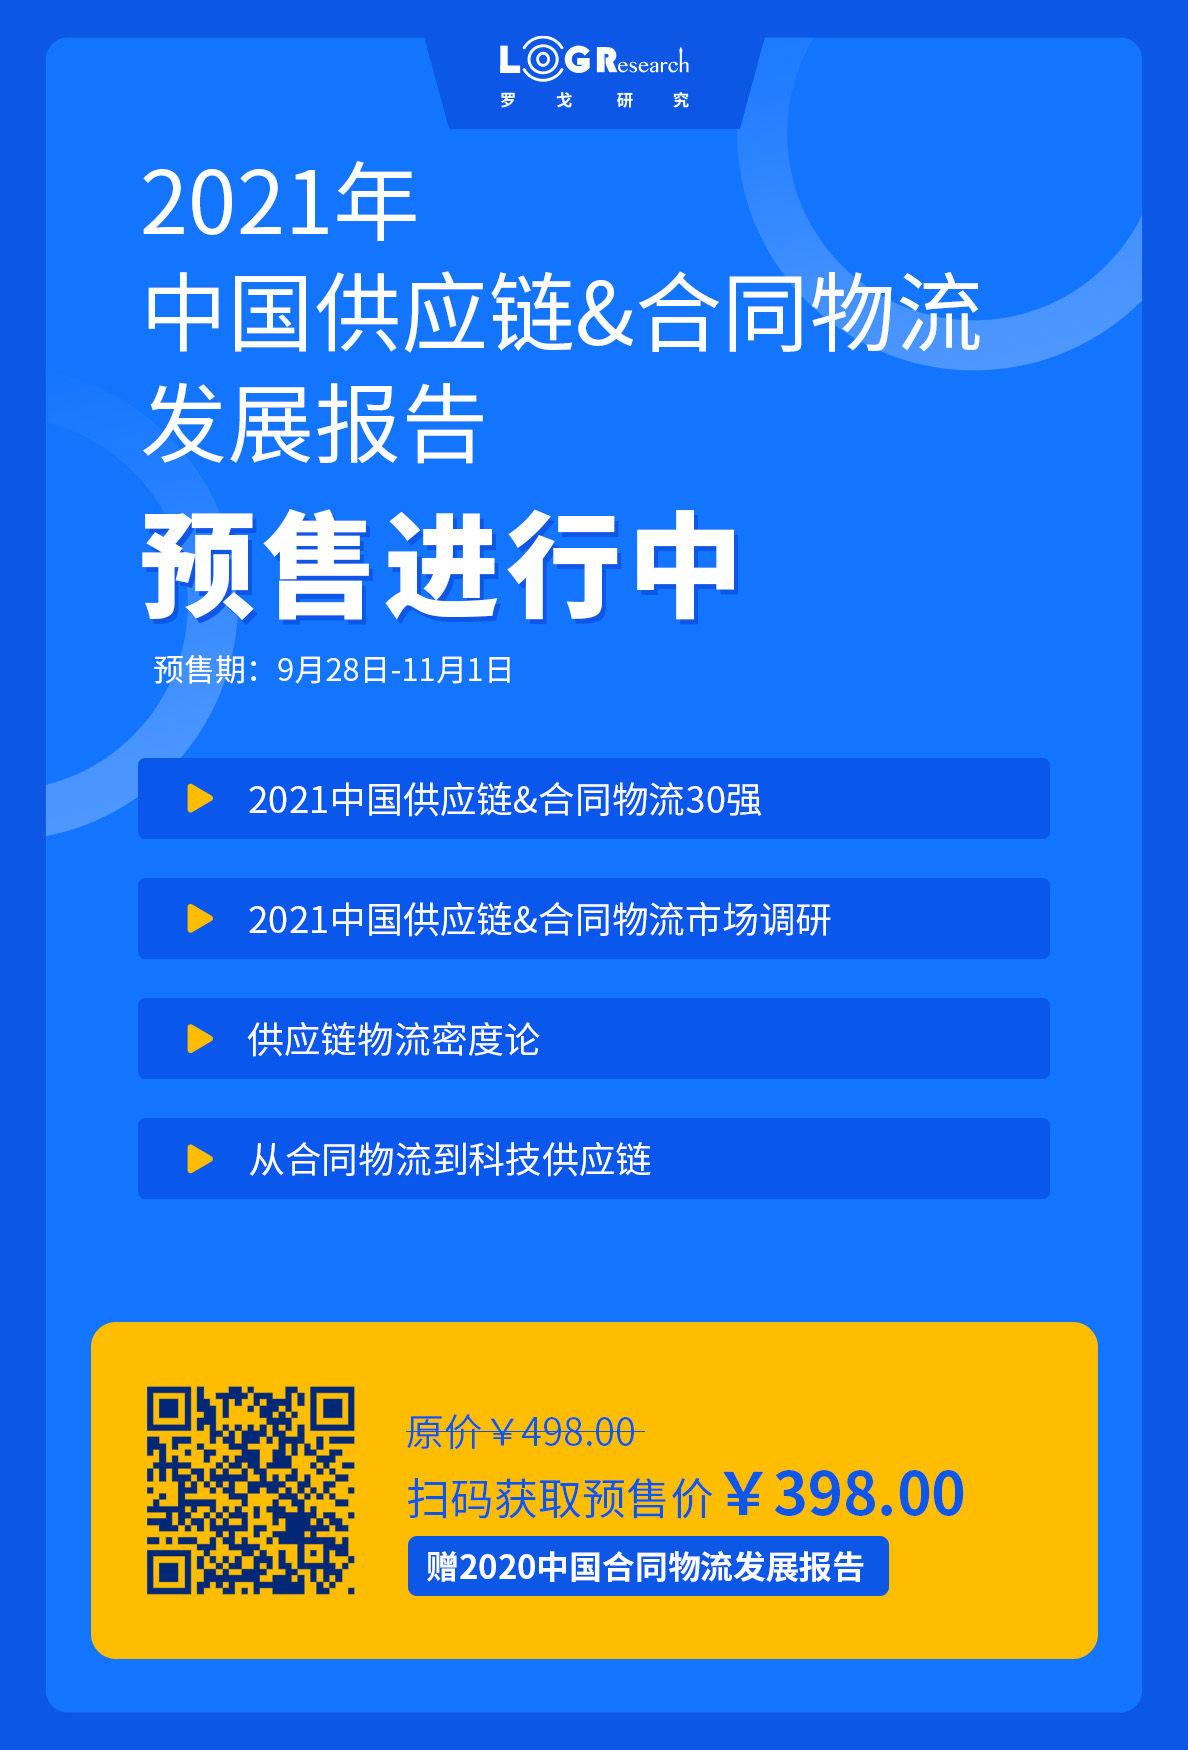 【预售中】2021中国供应链&合同物流发展报告